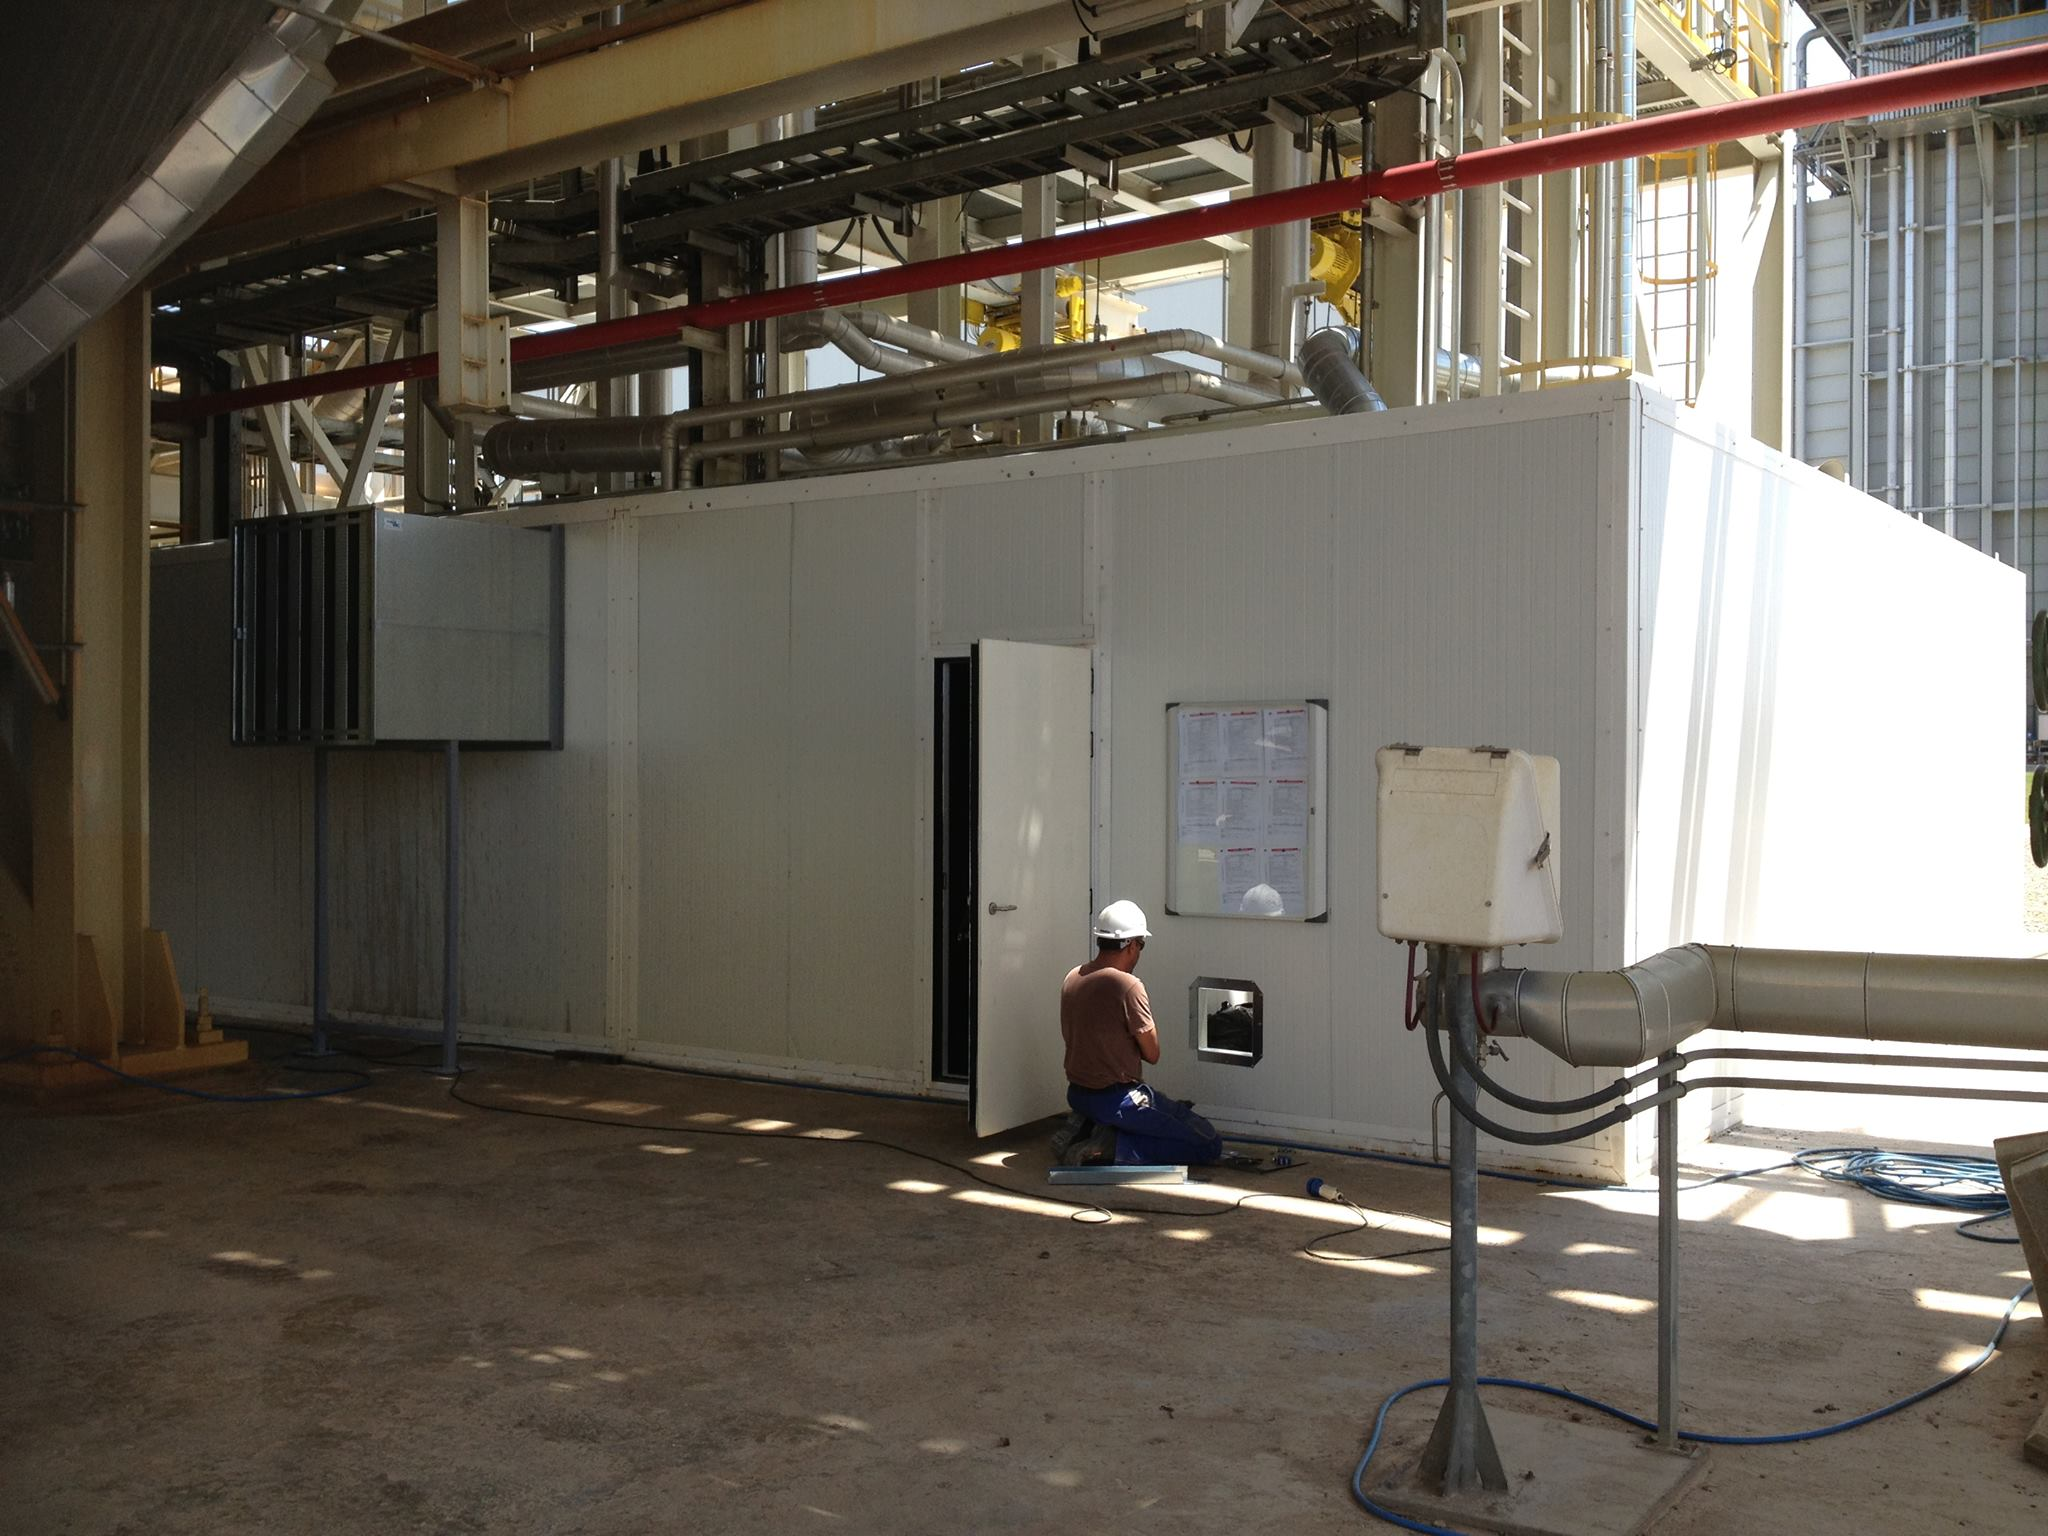 cabina insonorizada I - SILEN Y SISTEM Ingeniería acústica - Aislamientos acústicos - Silenciadores  Acústicos- Acústica Industrial - Puertas acústicas